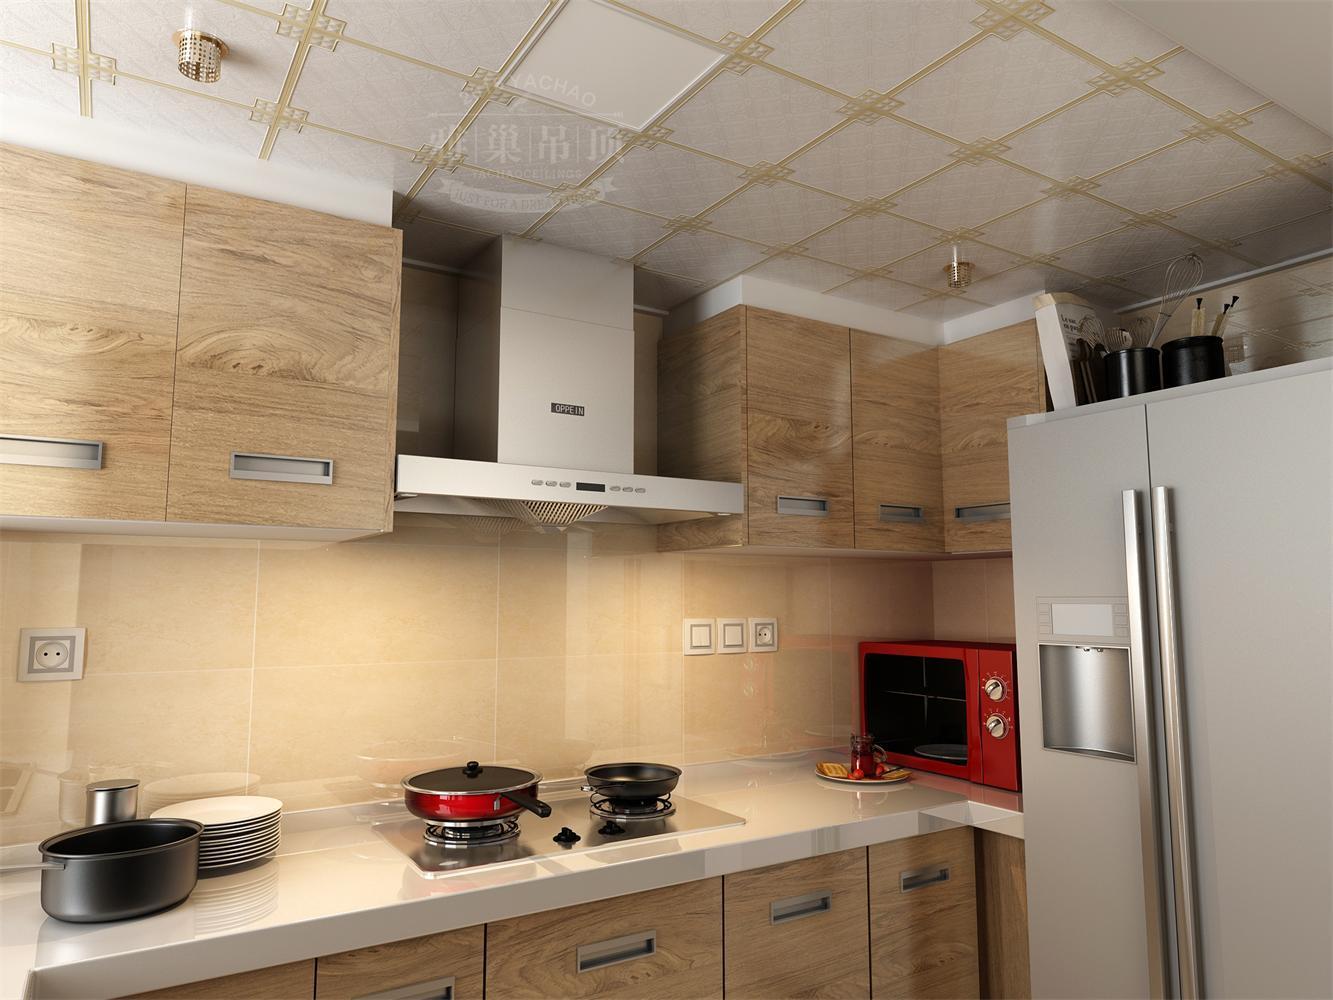 厨房欧式铝扣板吊顶视频